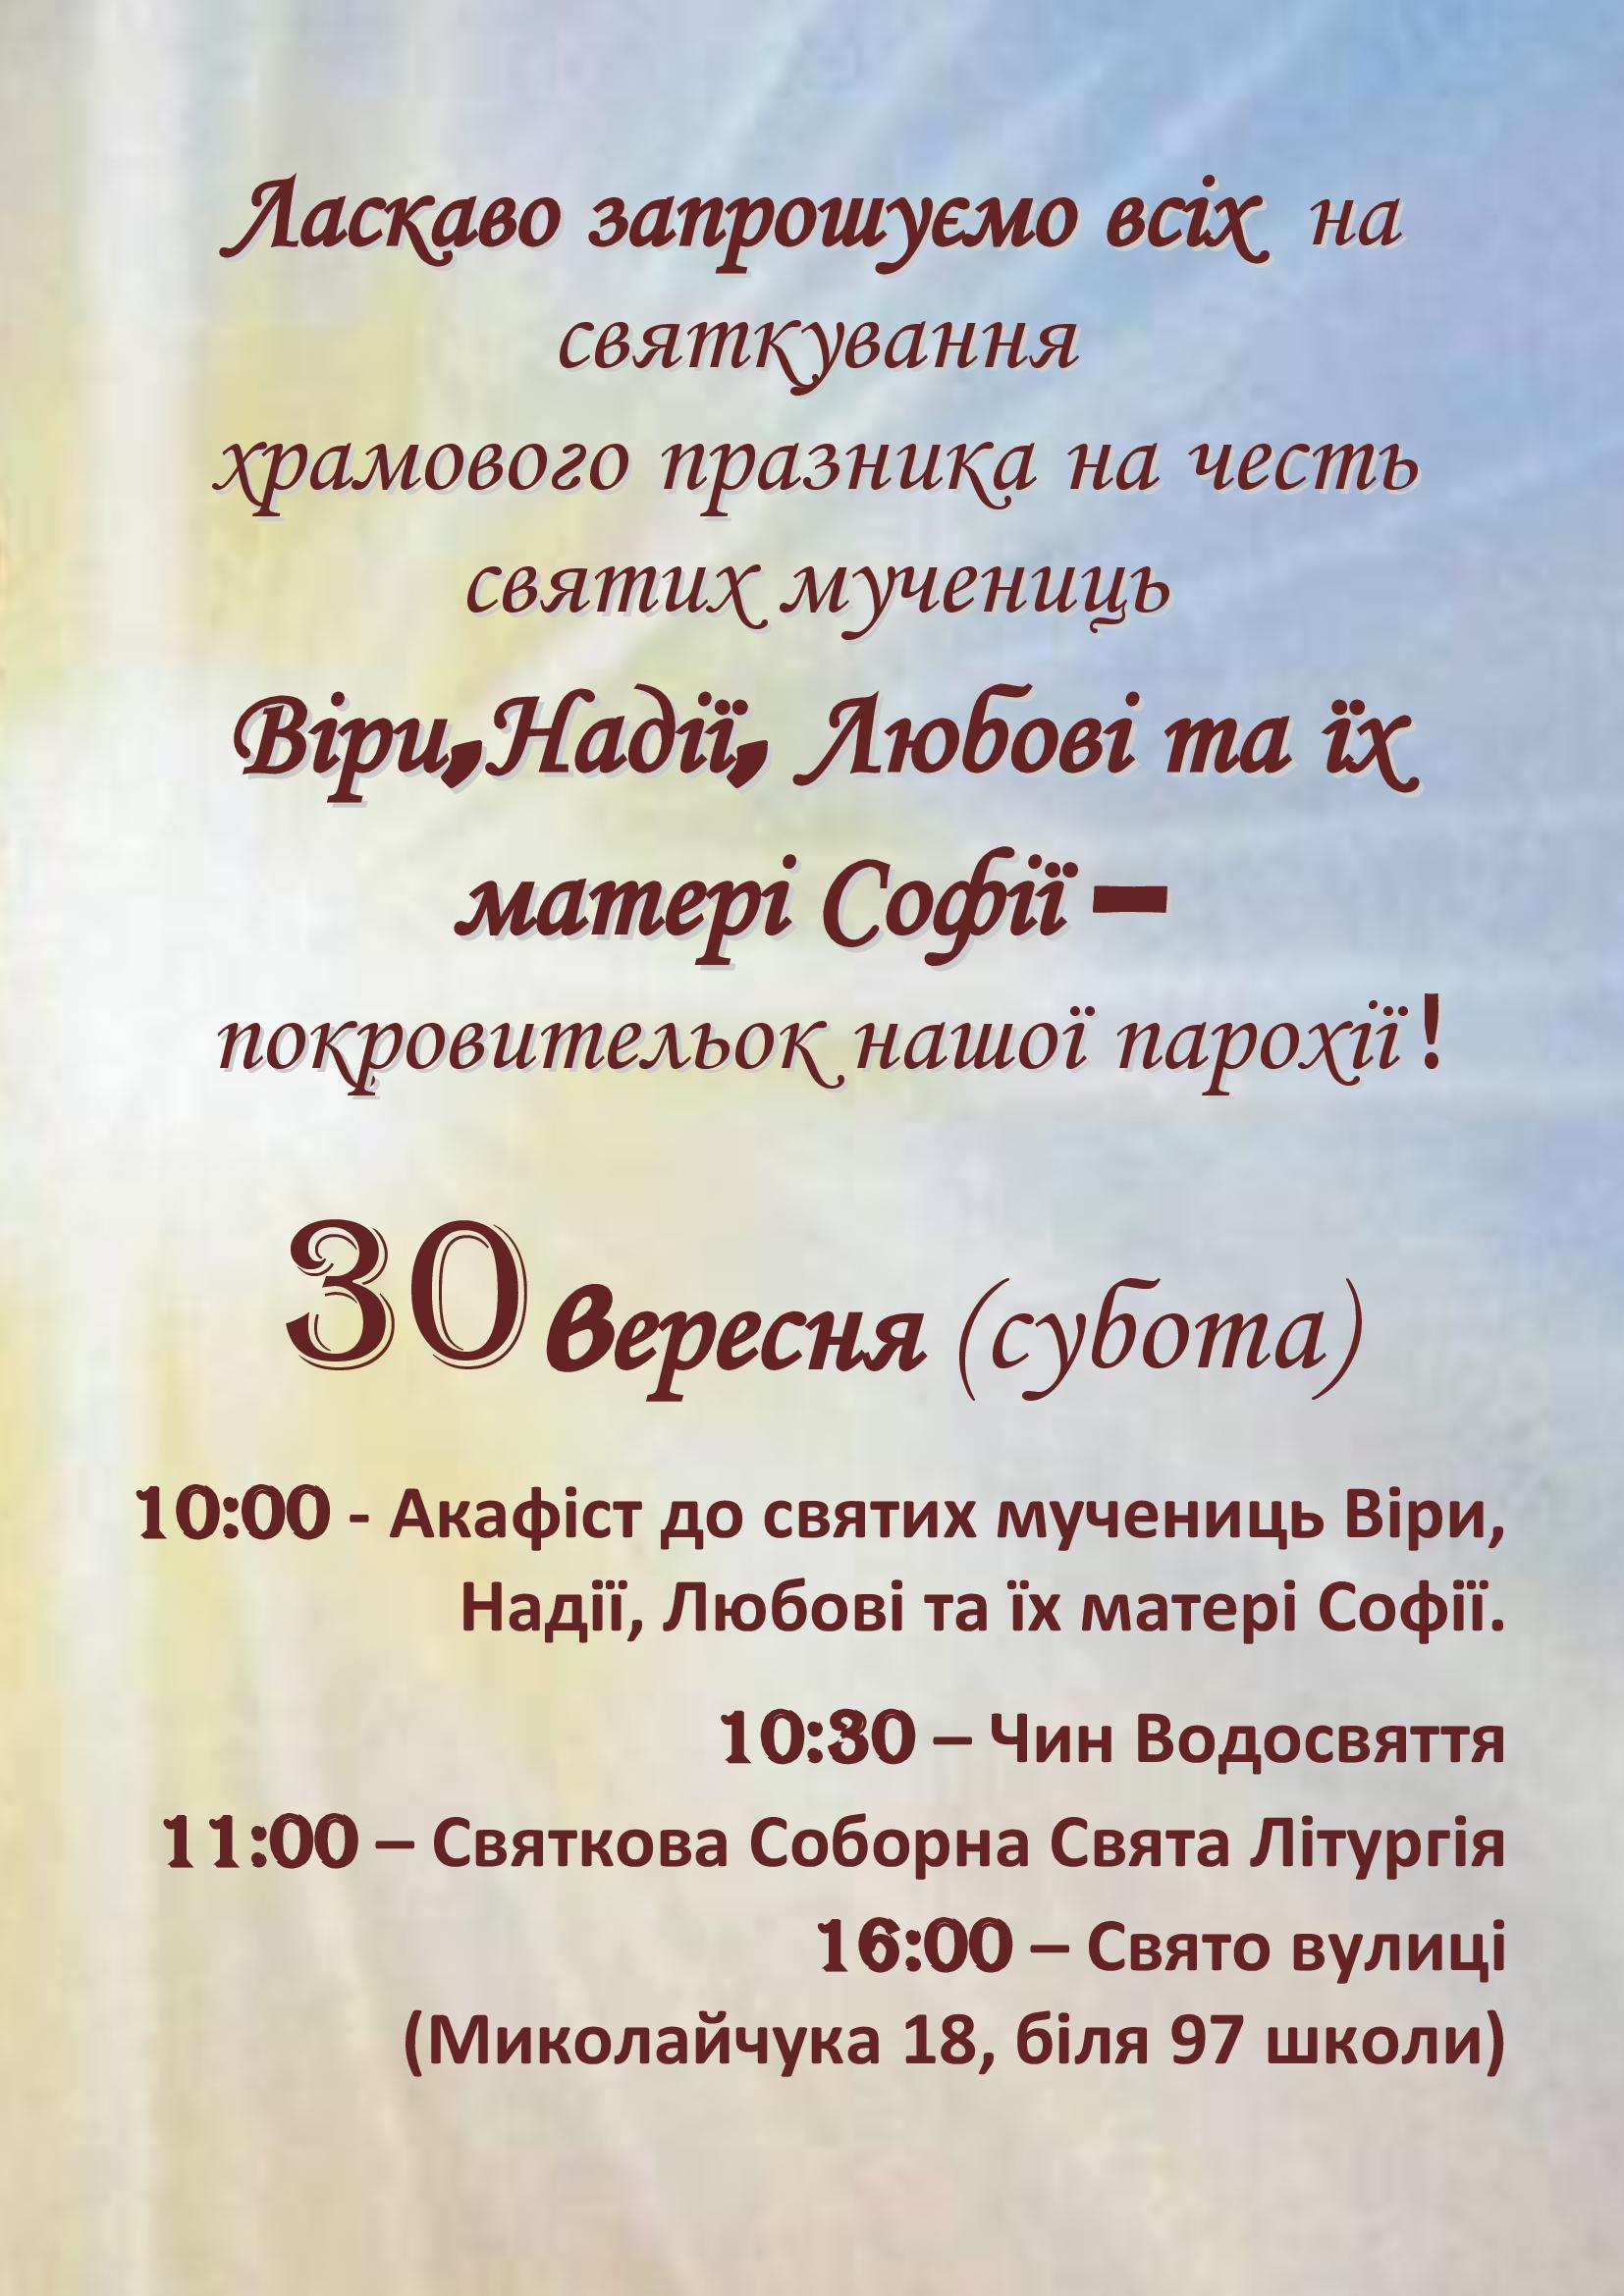 Розпорядок на храмовий празник